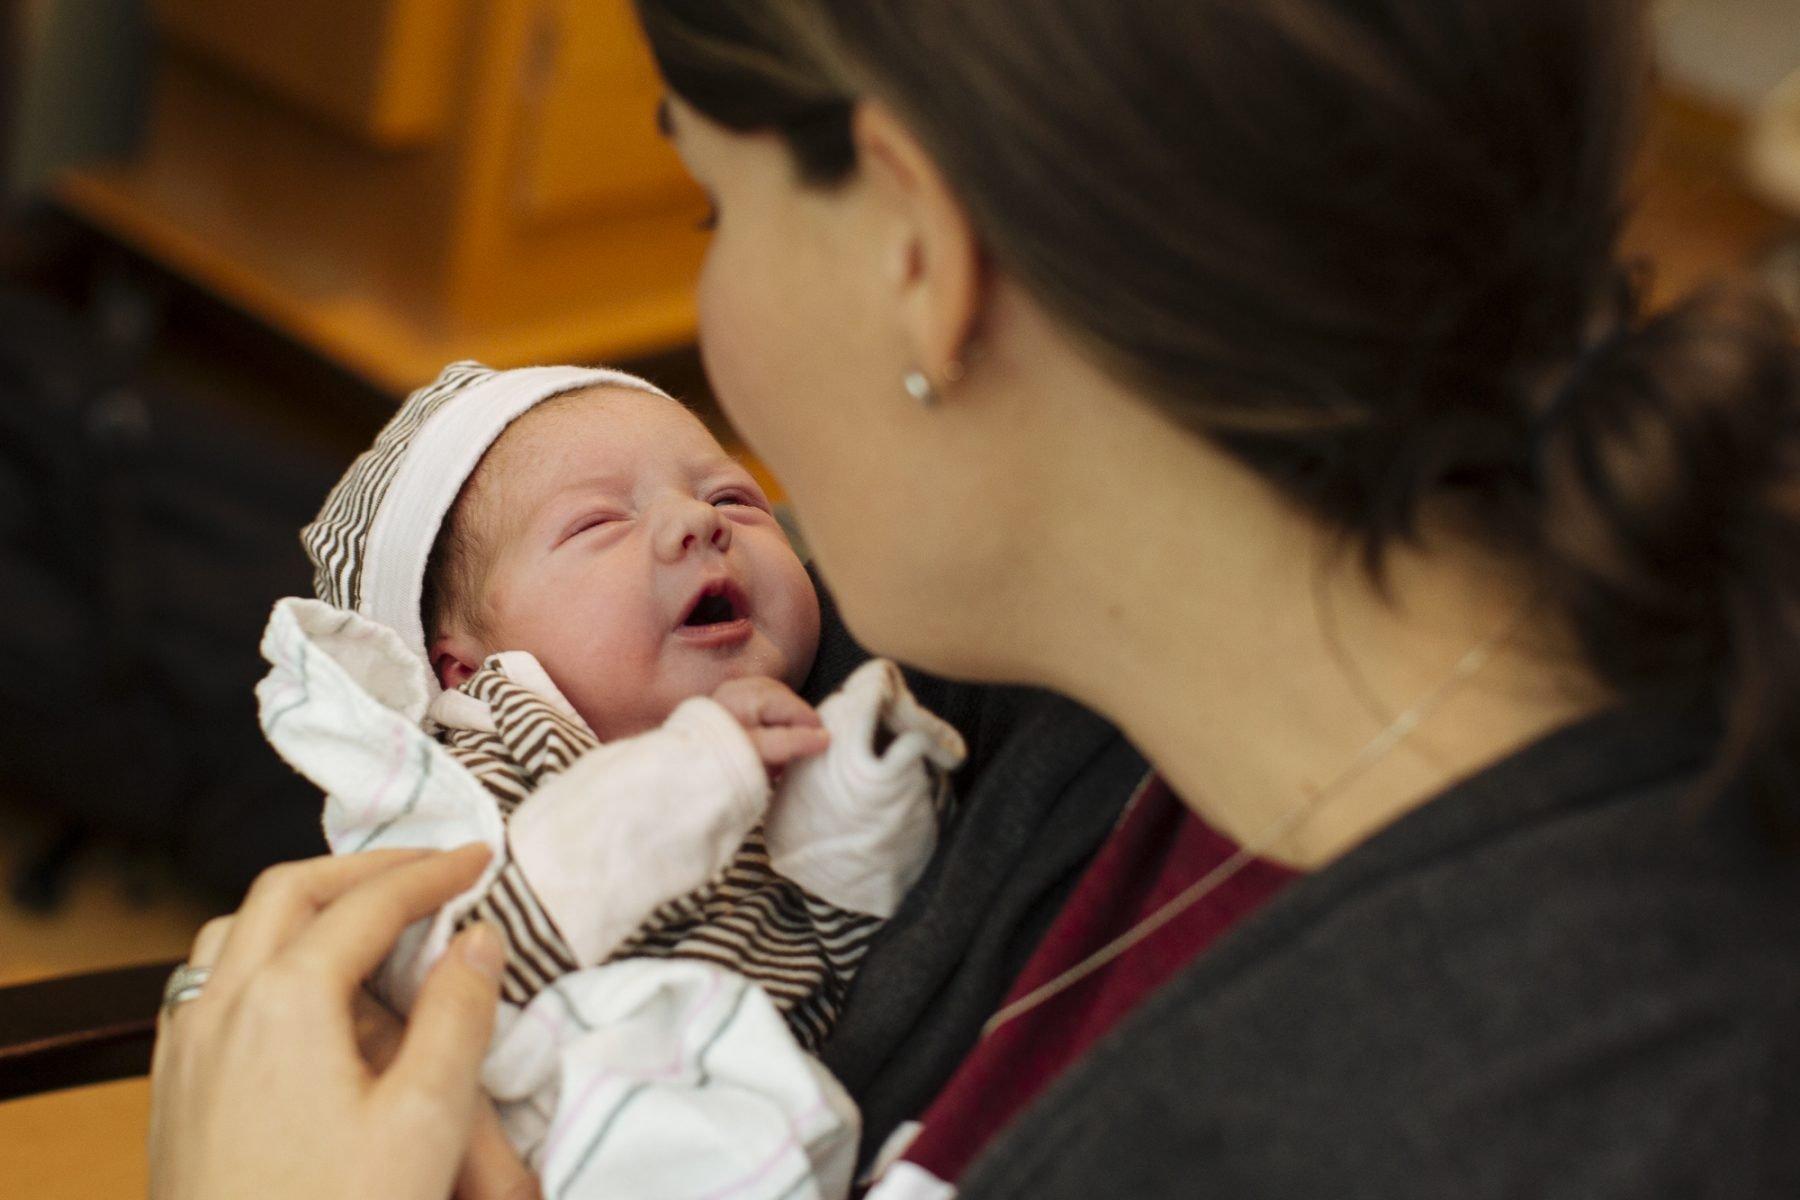 carolinemayes-newborn-infant-photography-29